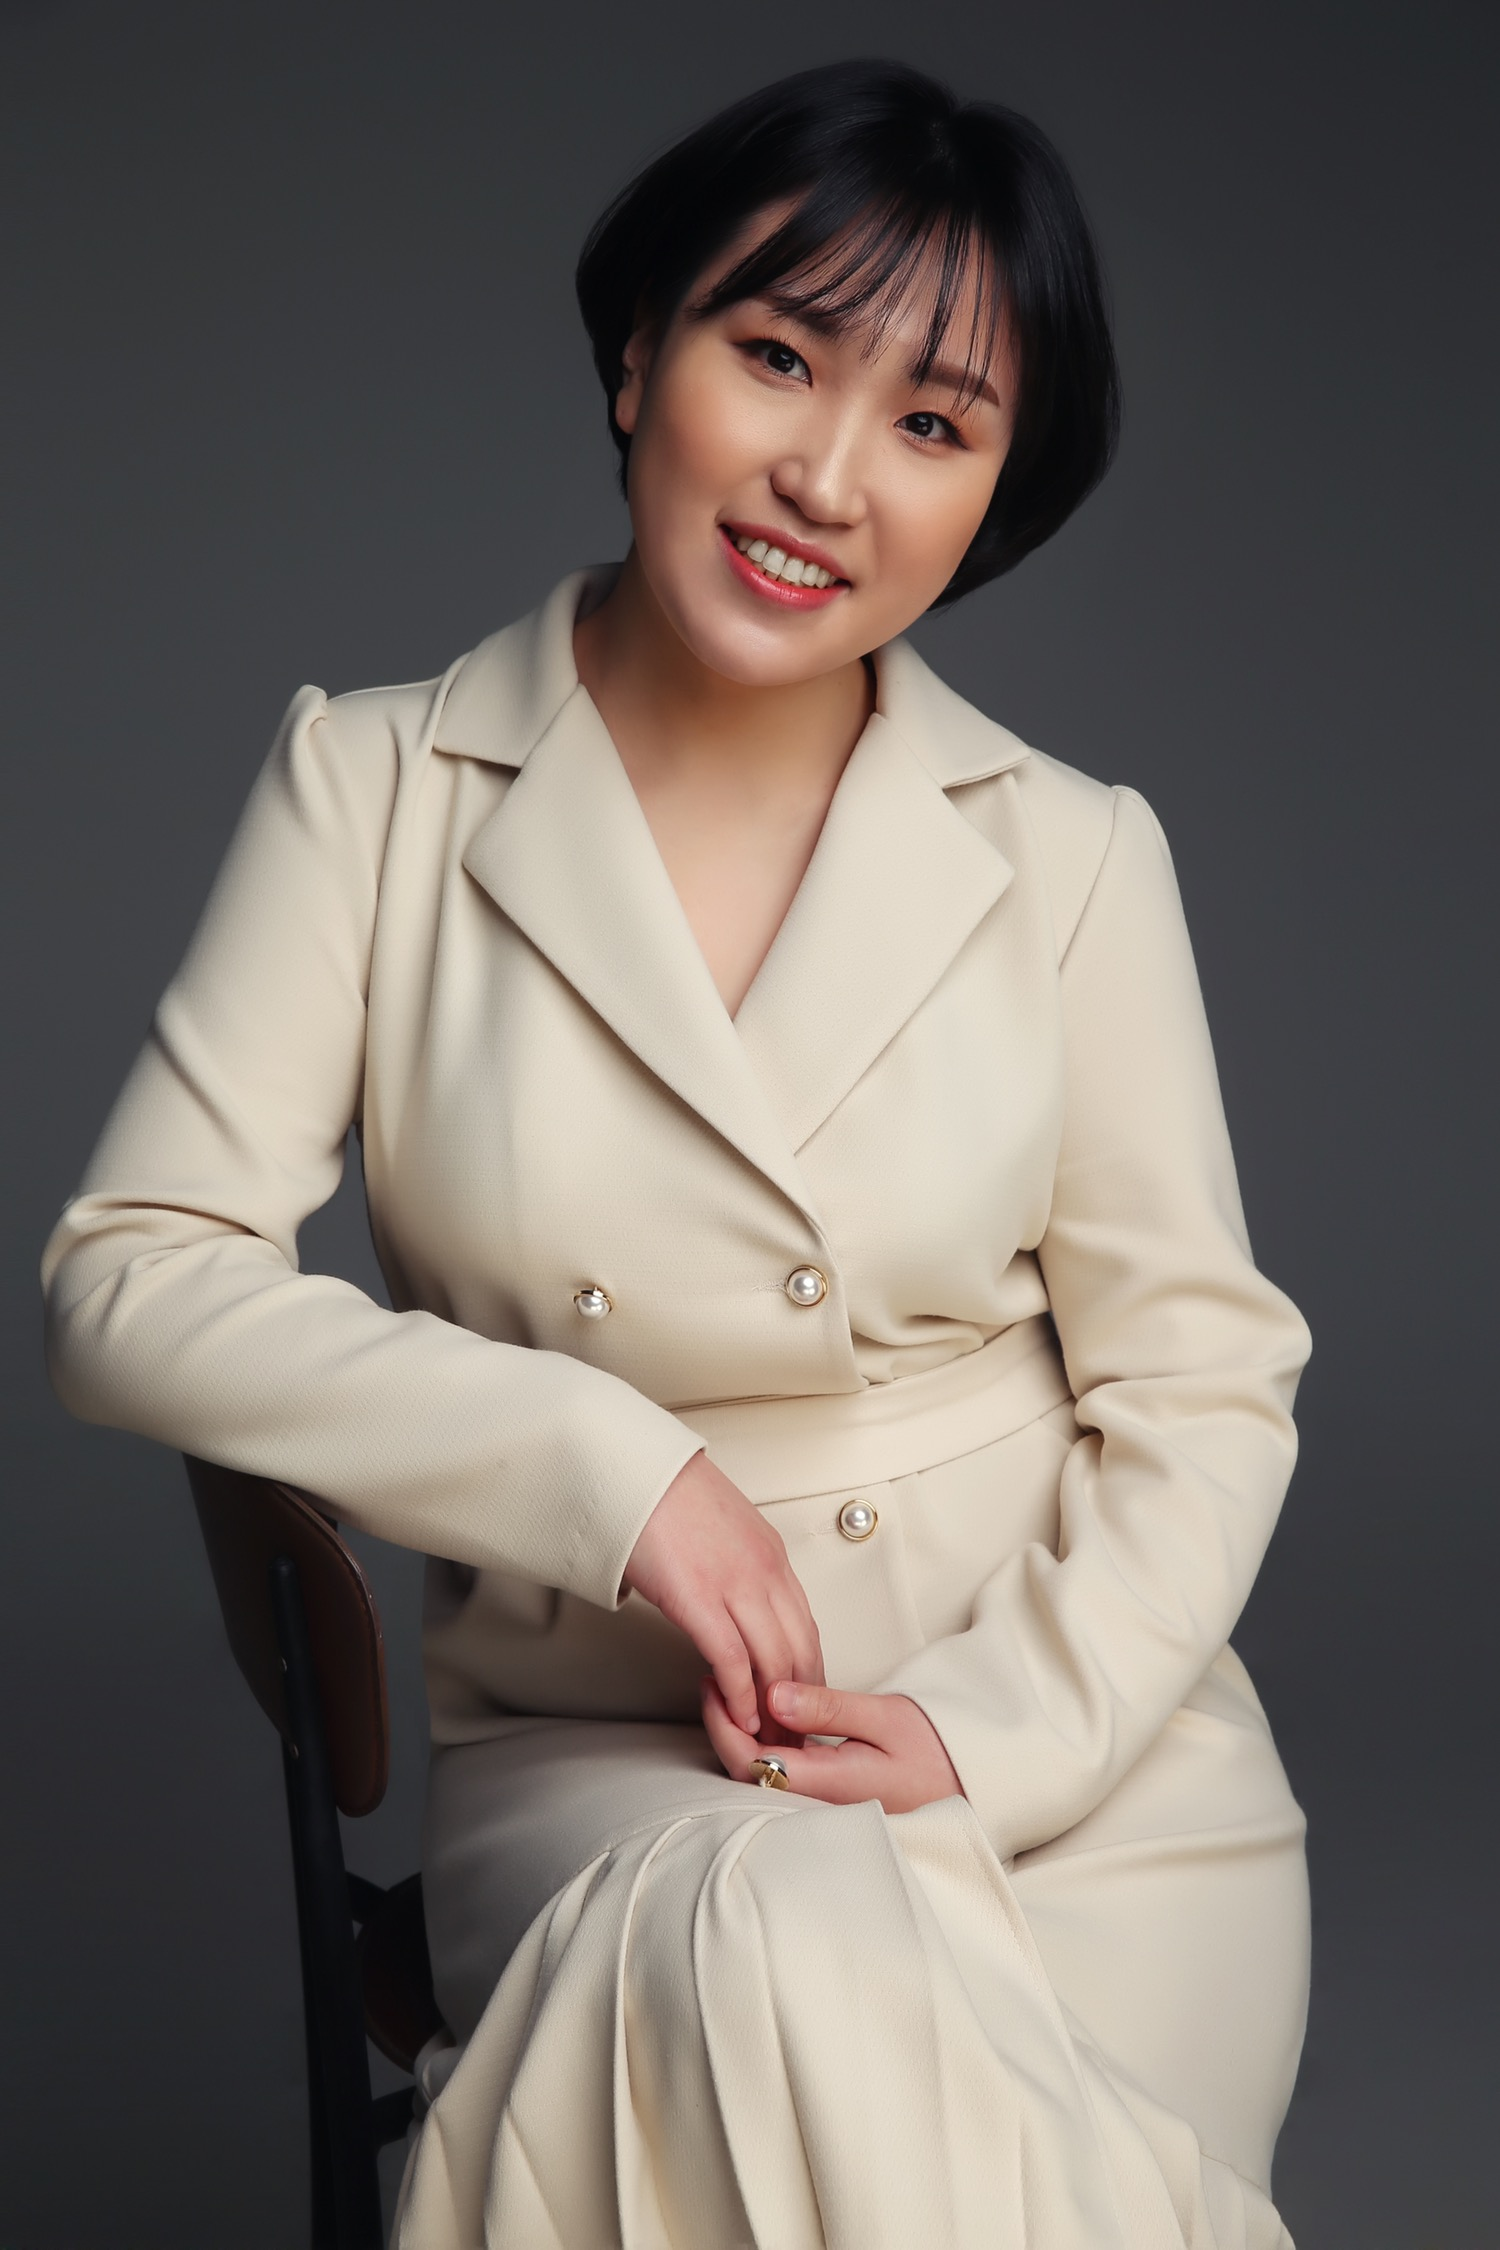 박혜란 퀄텟